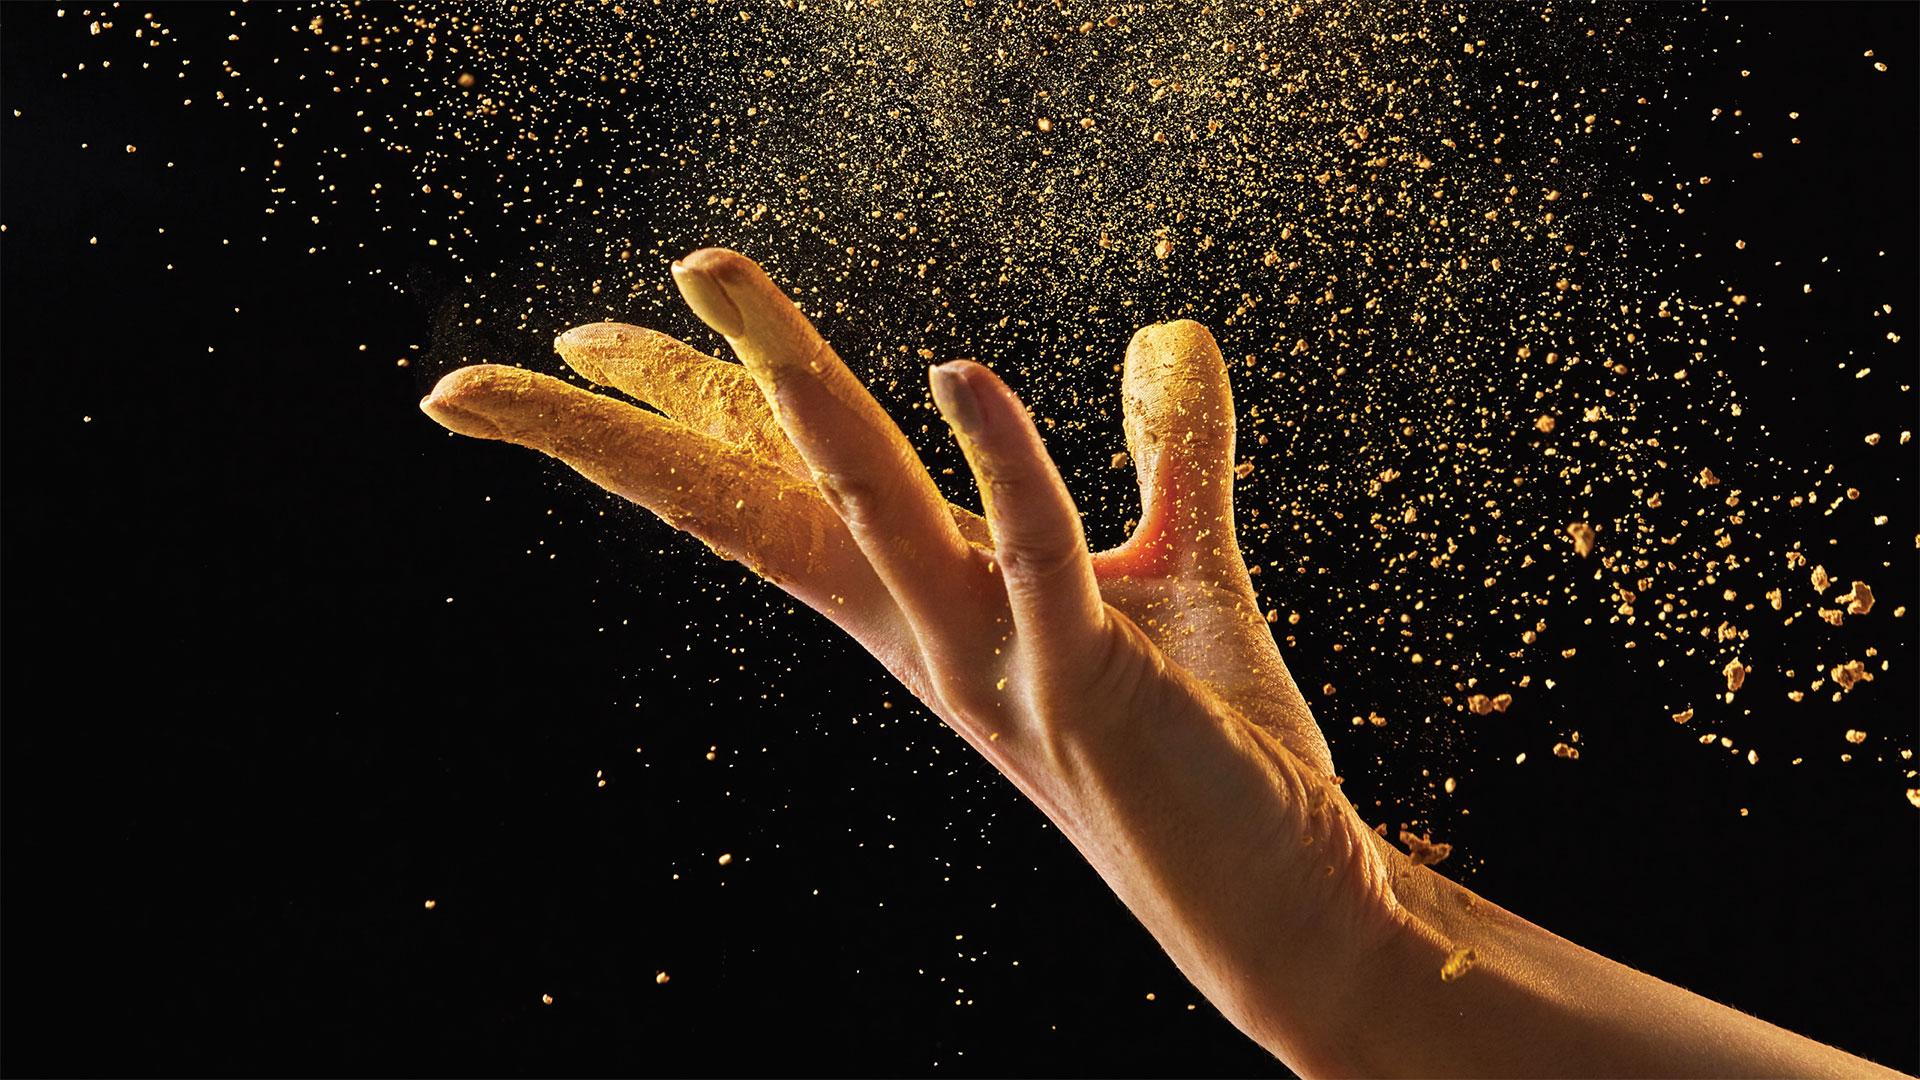 hand met goud stof